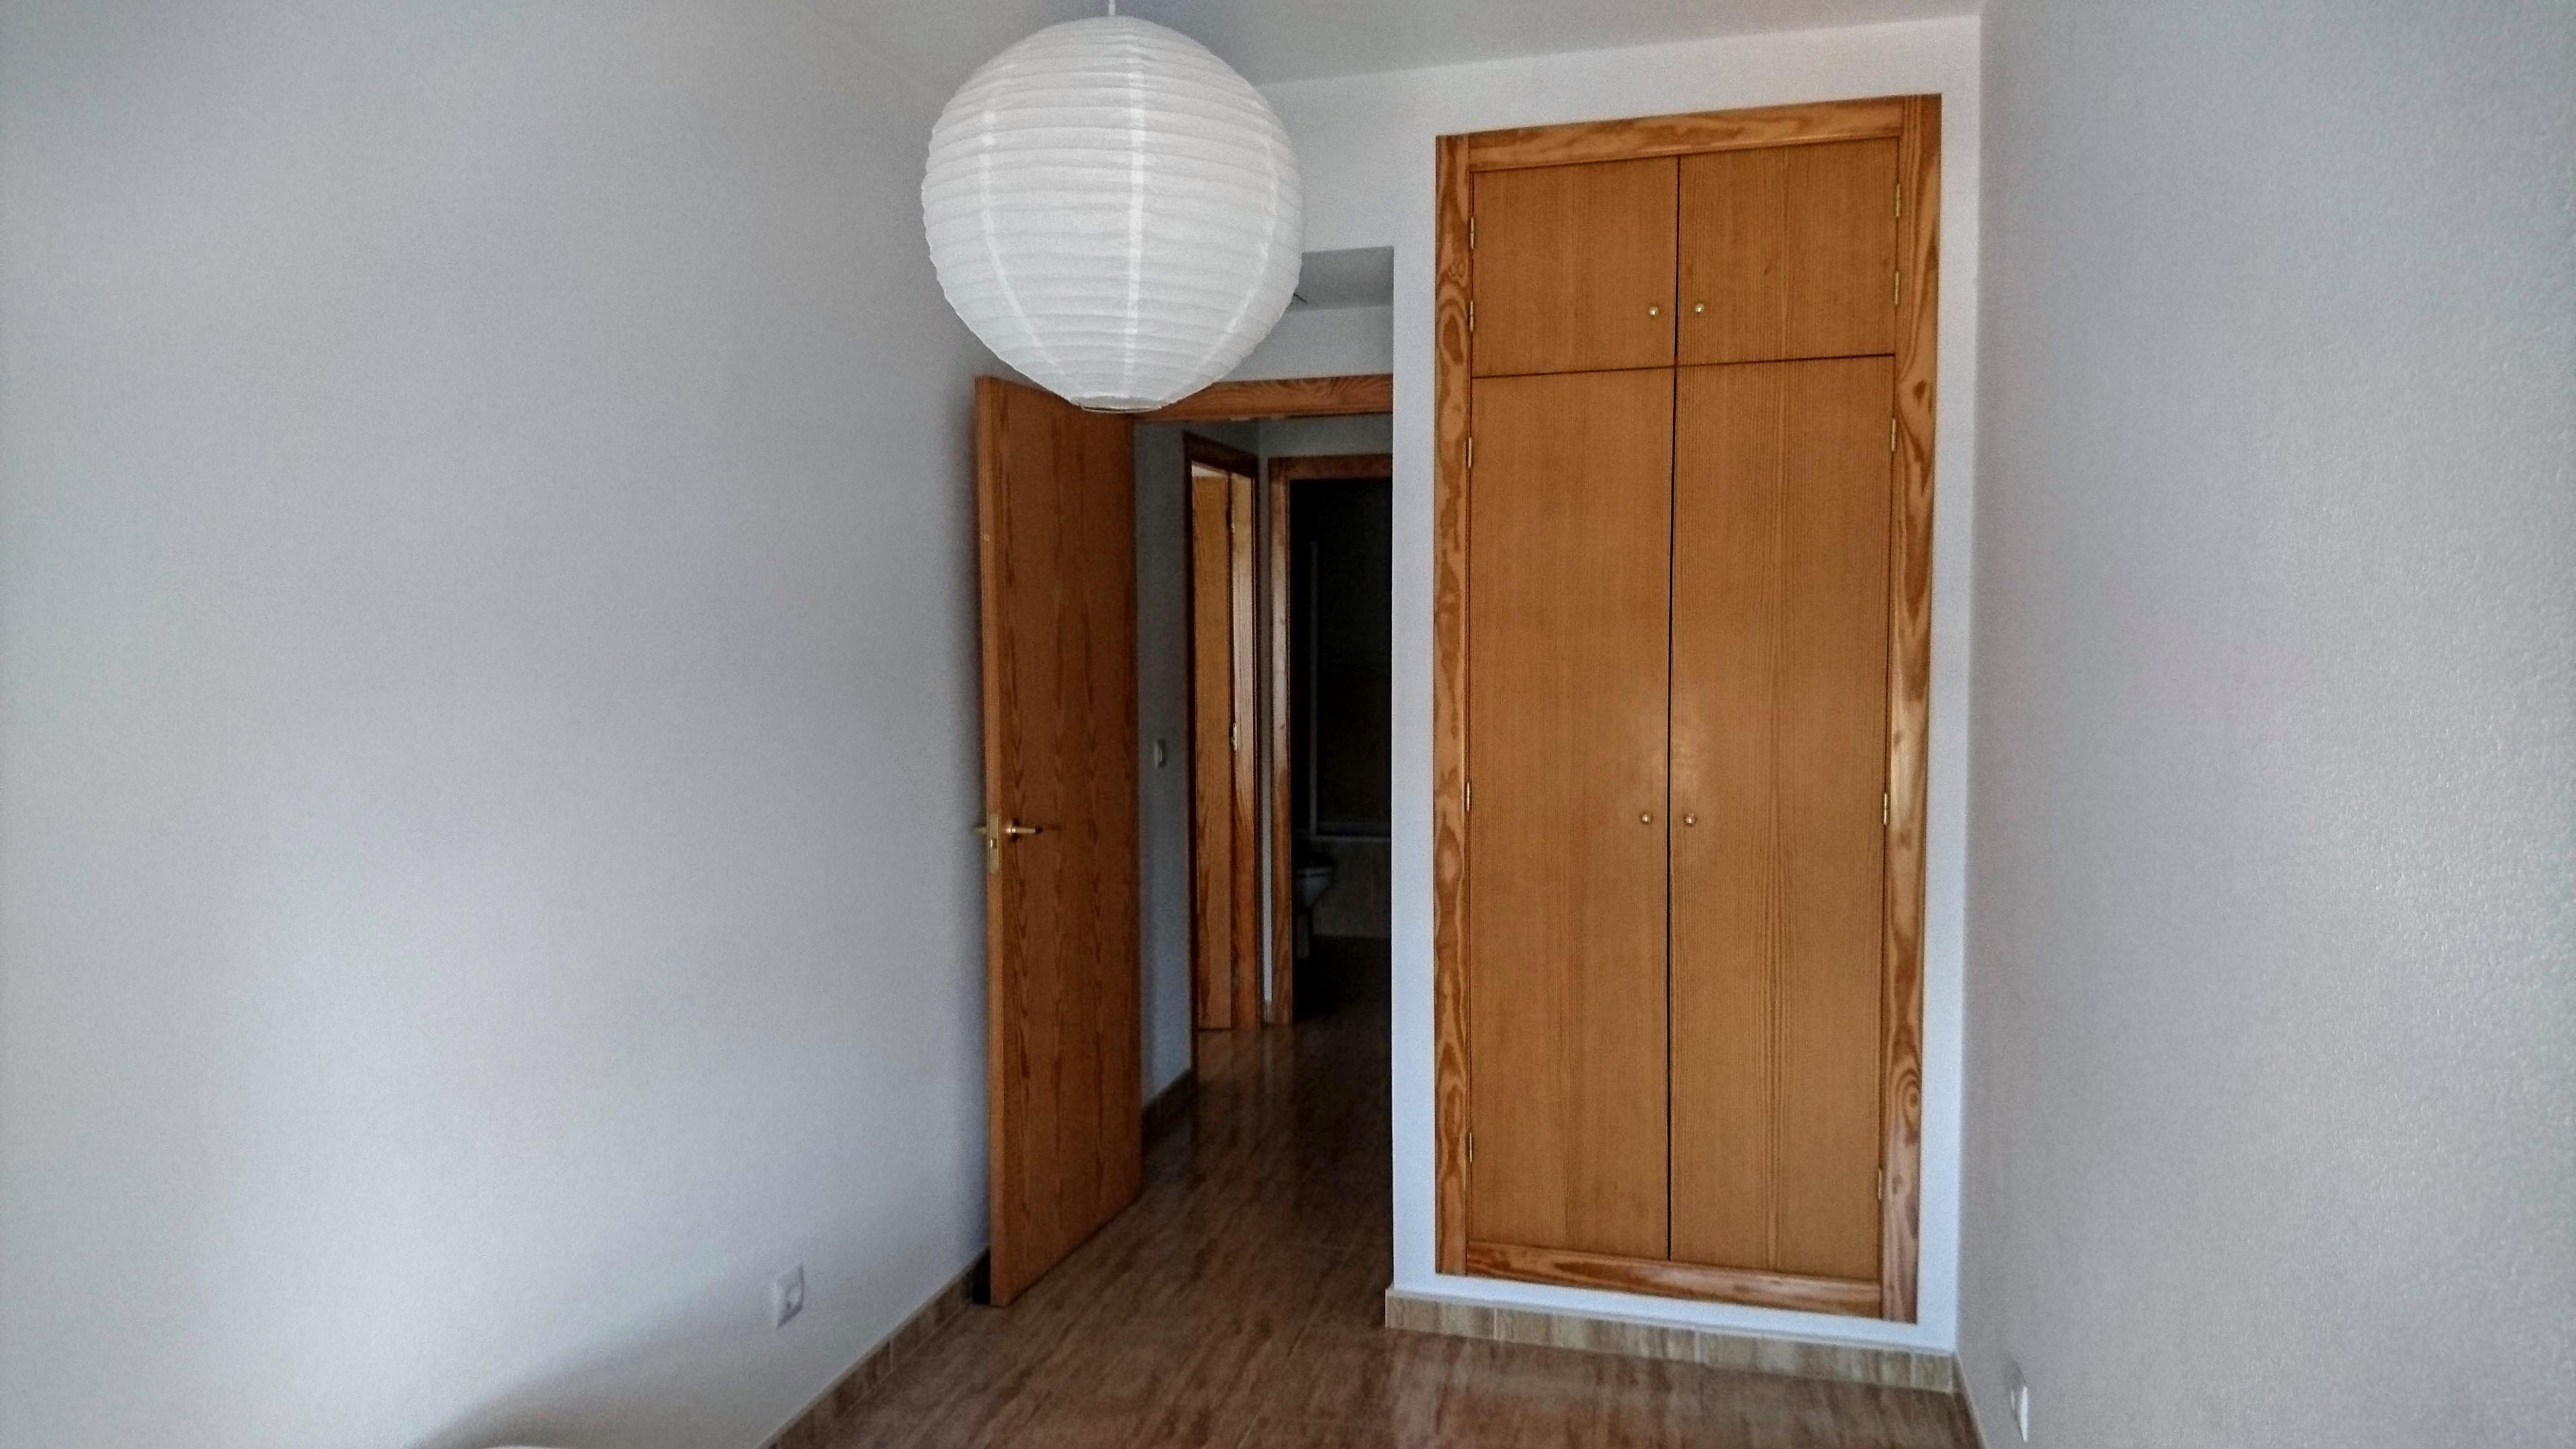 Piso juan carlos i frente a carrefour pisos centro murcia for Piso juan carlos i murcia